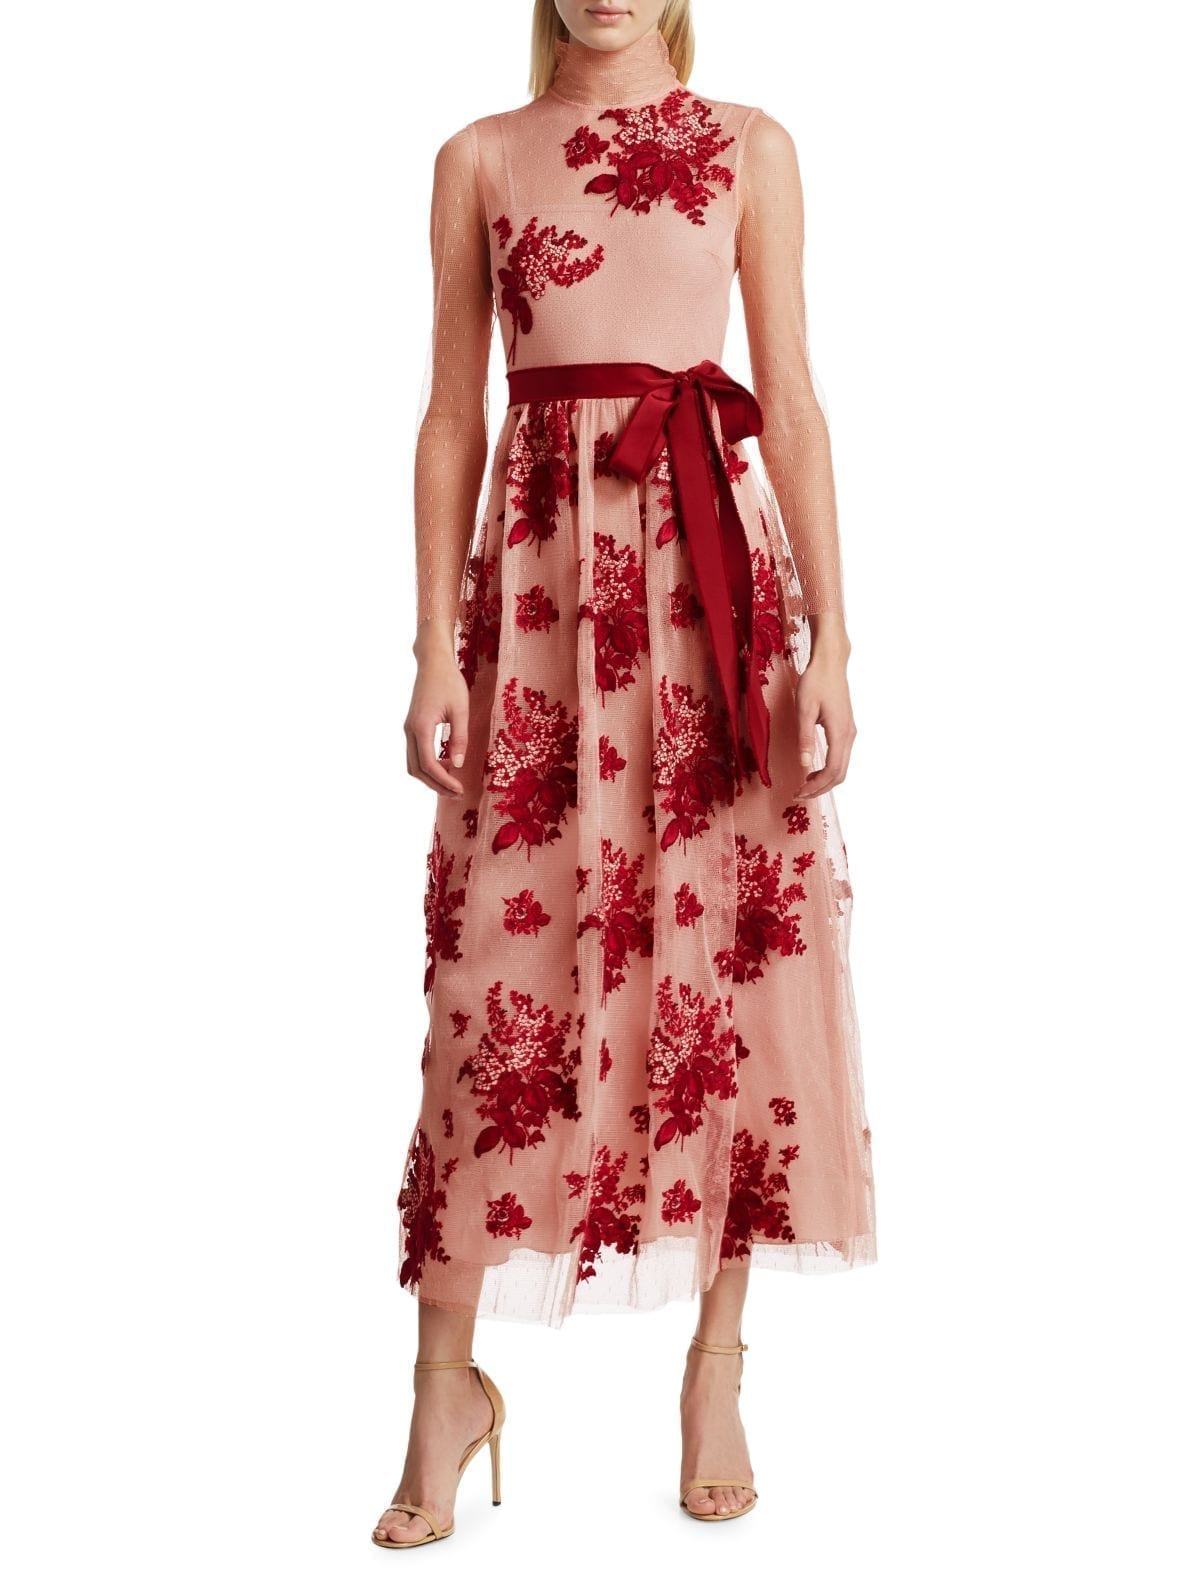 REDVALENTINO Illusion Floral Applique Midi Dress